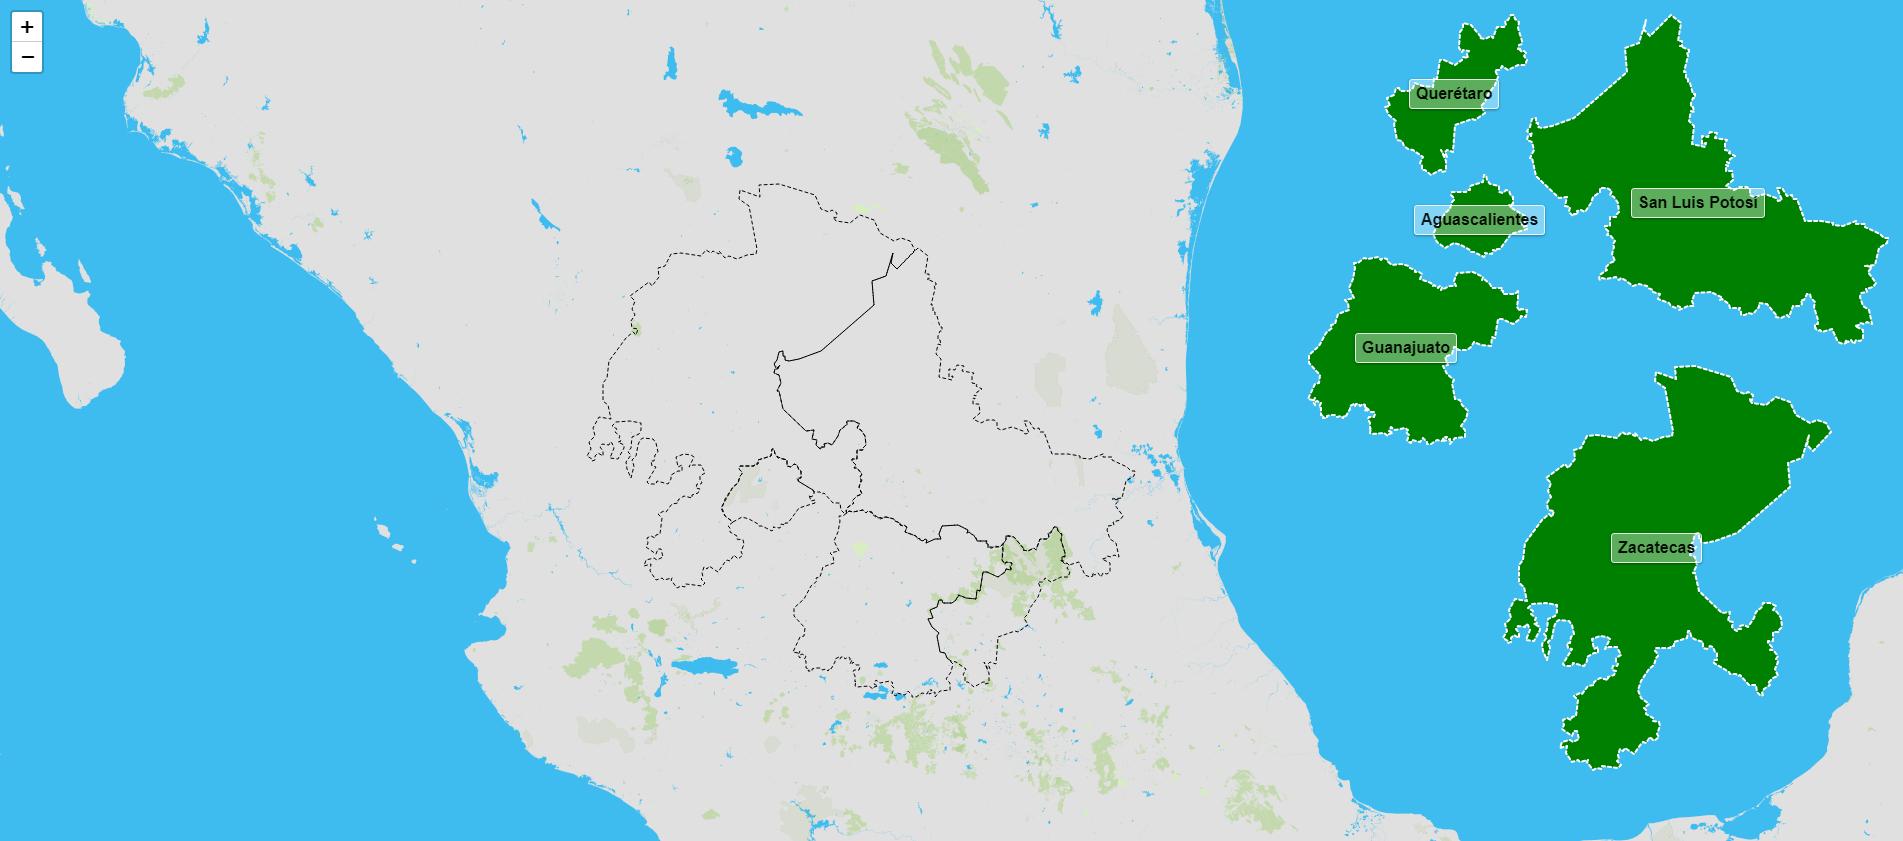 Estados da rexión centro-norte de México